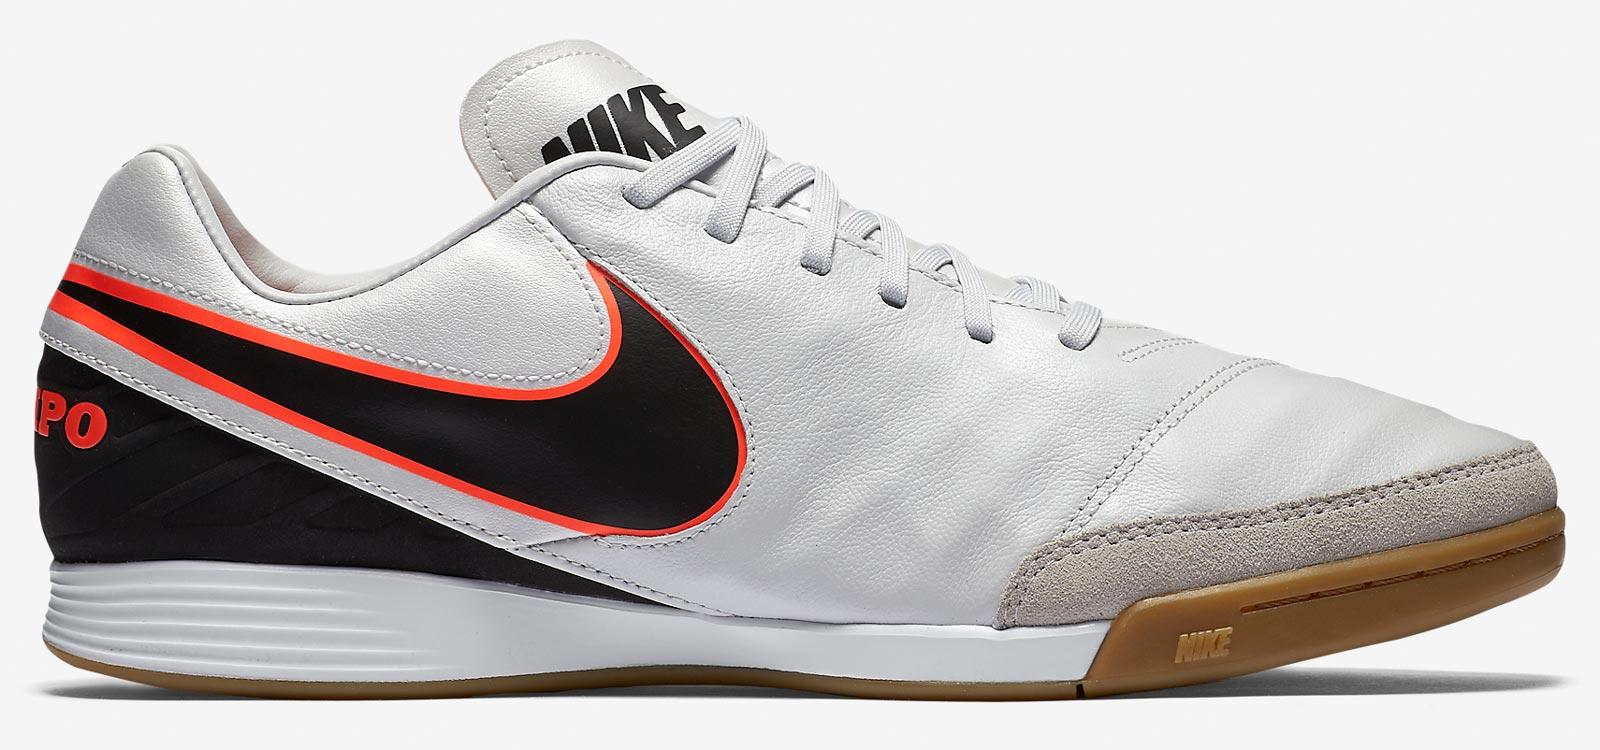 Nike Indoor Soccer Shoes Black Orange